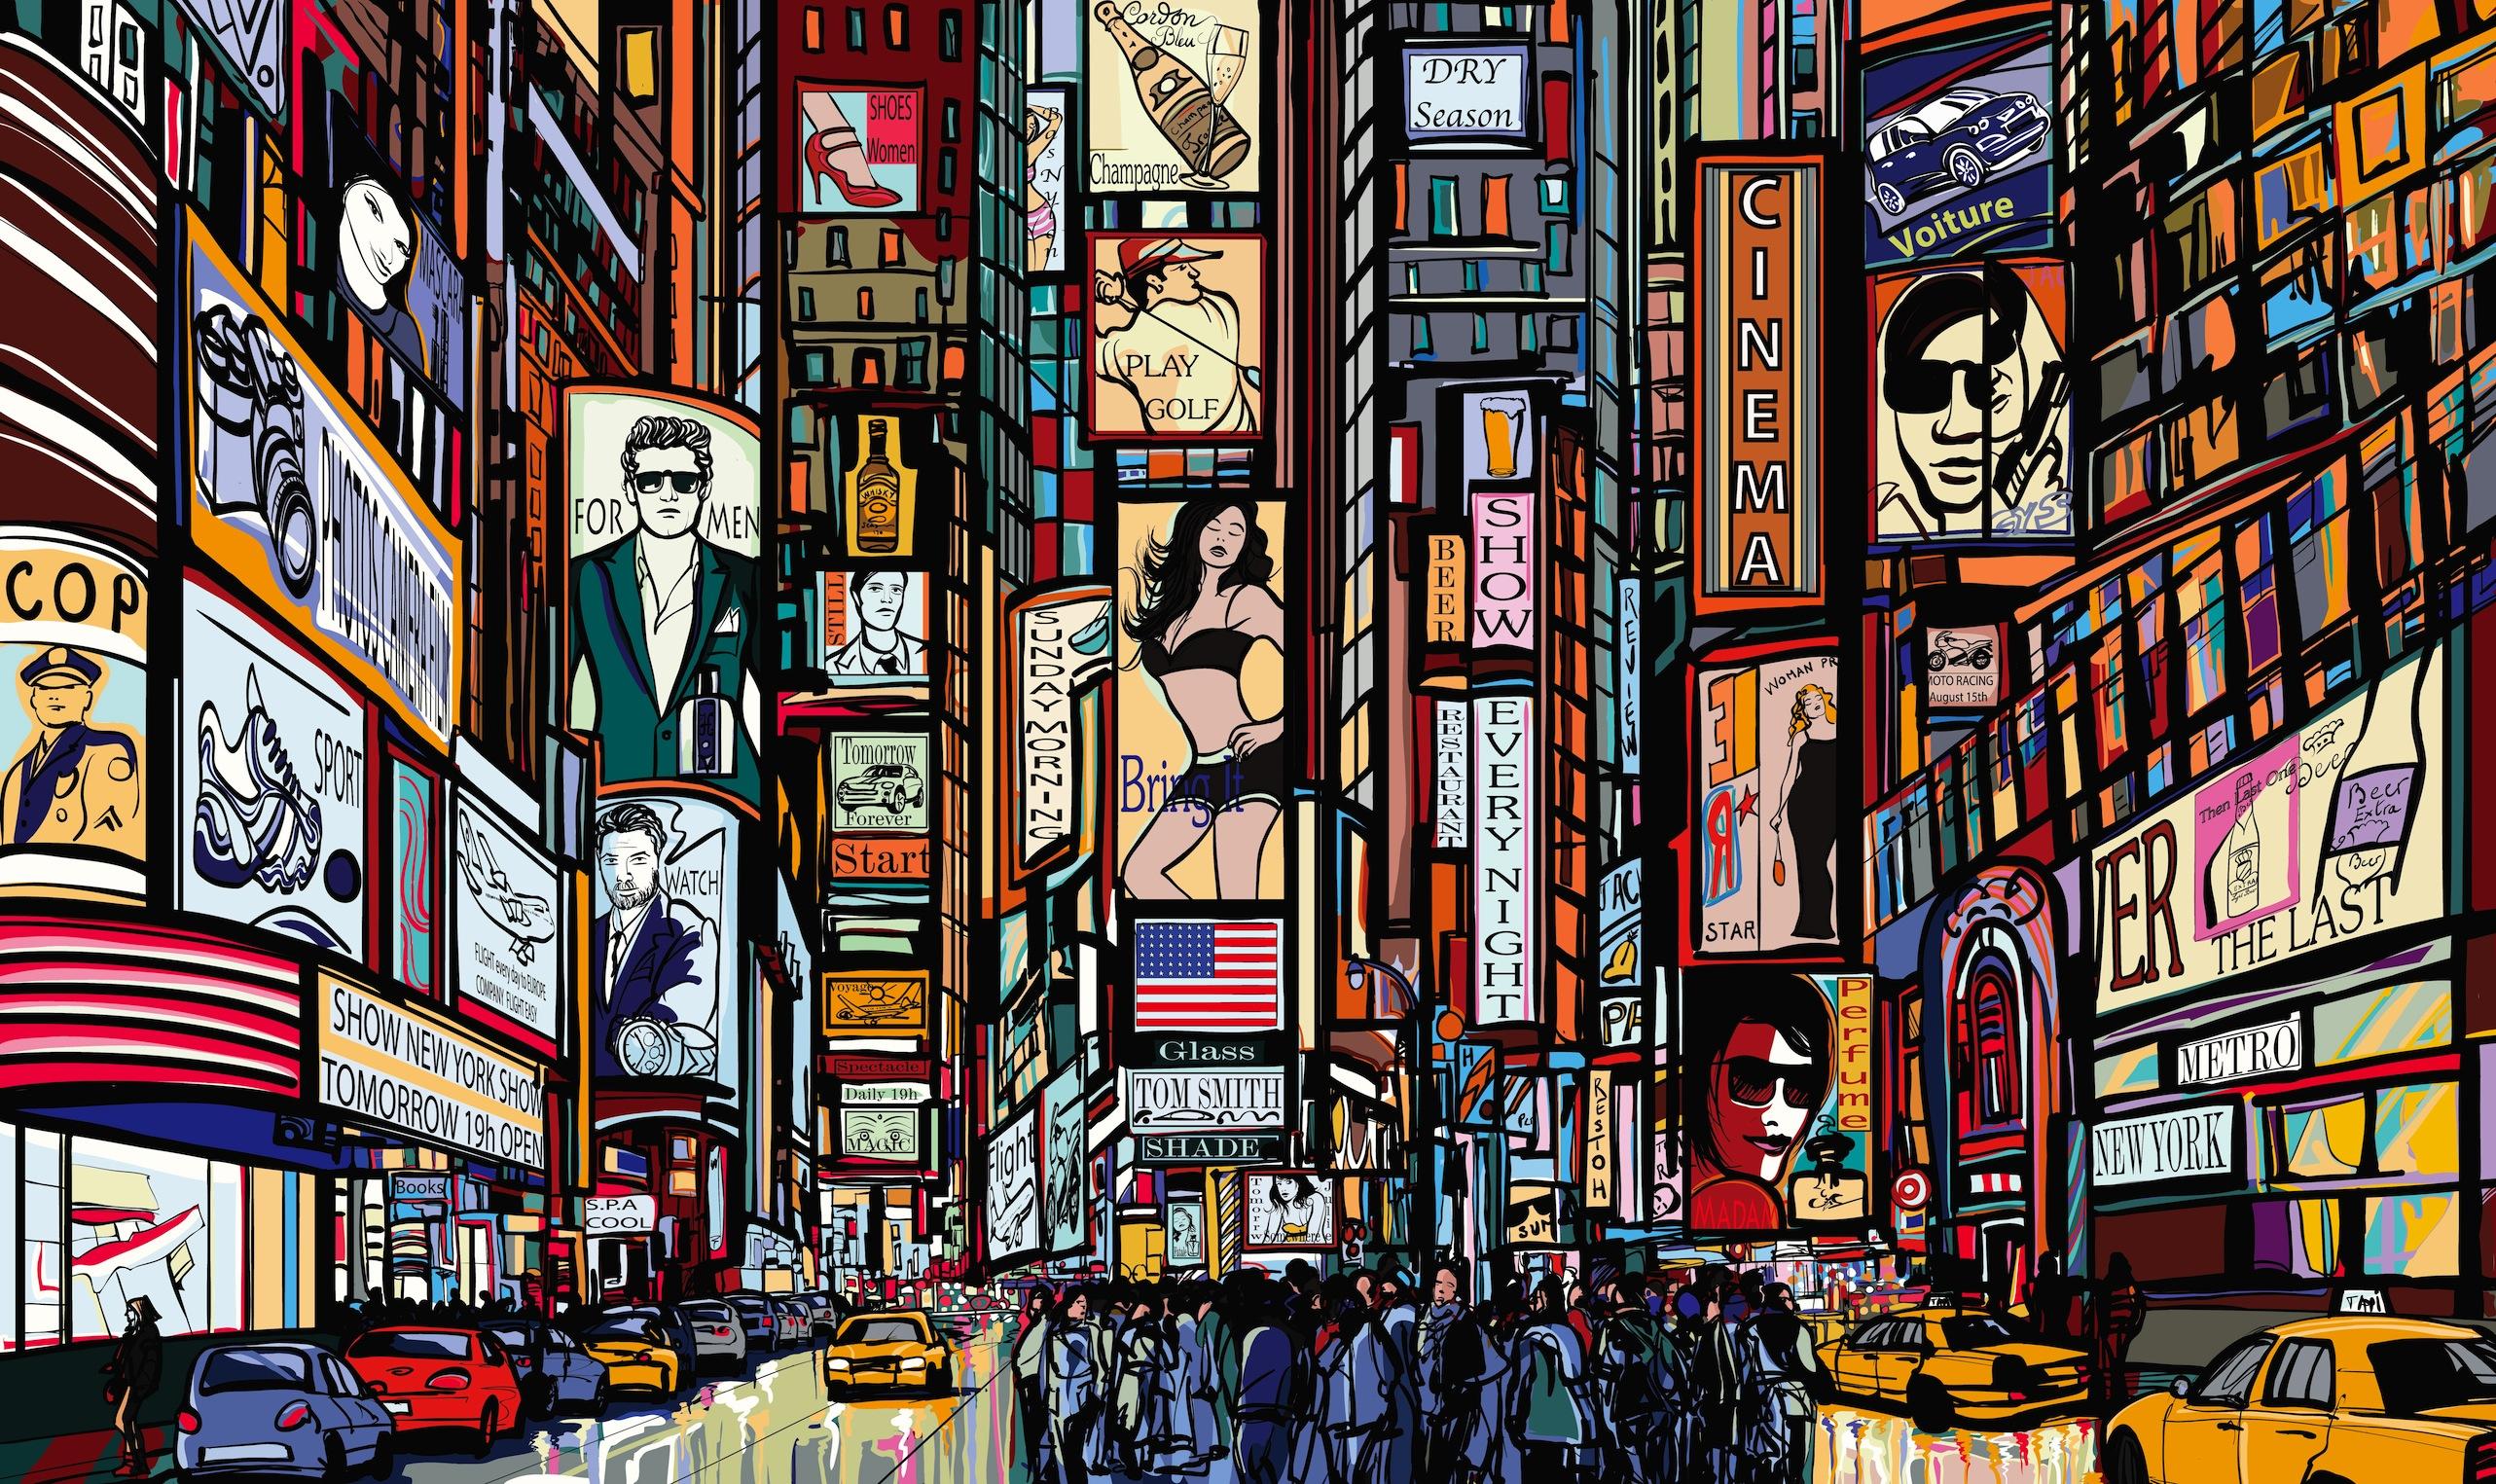 Times Square papiers peints photo 3D